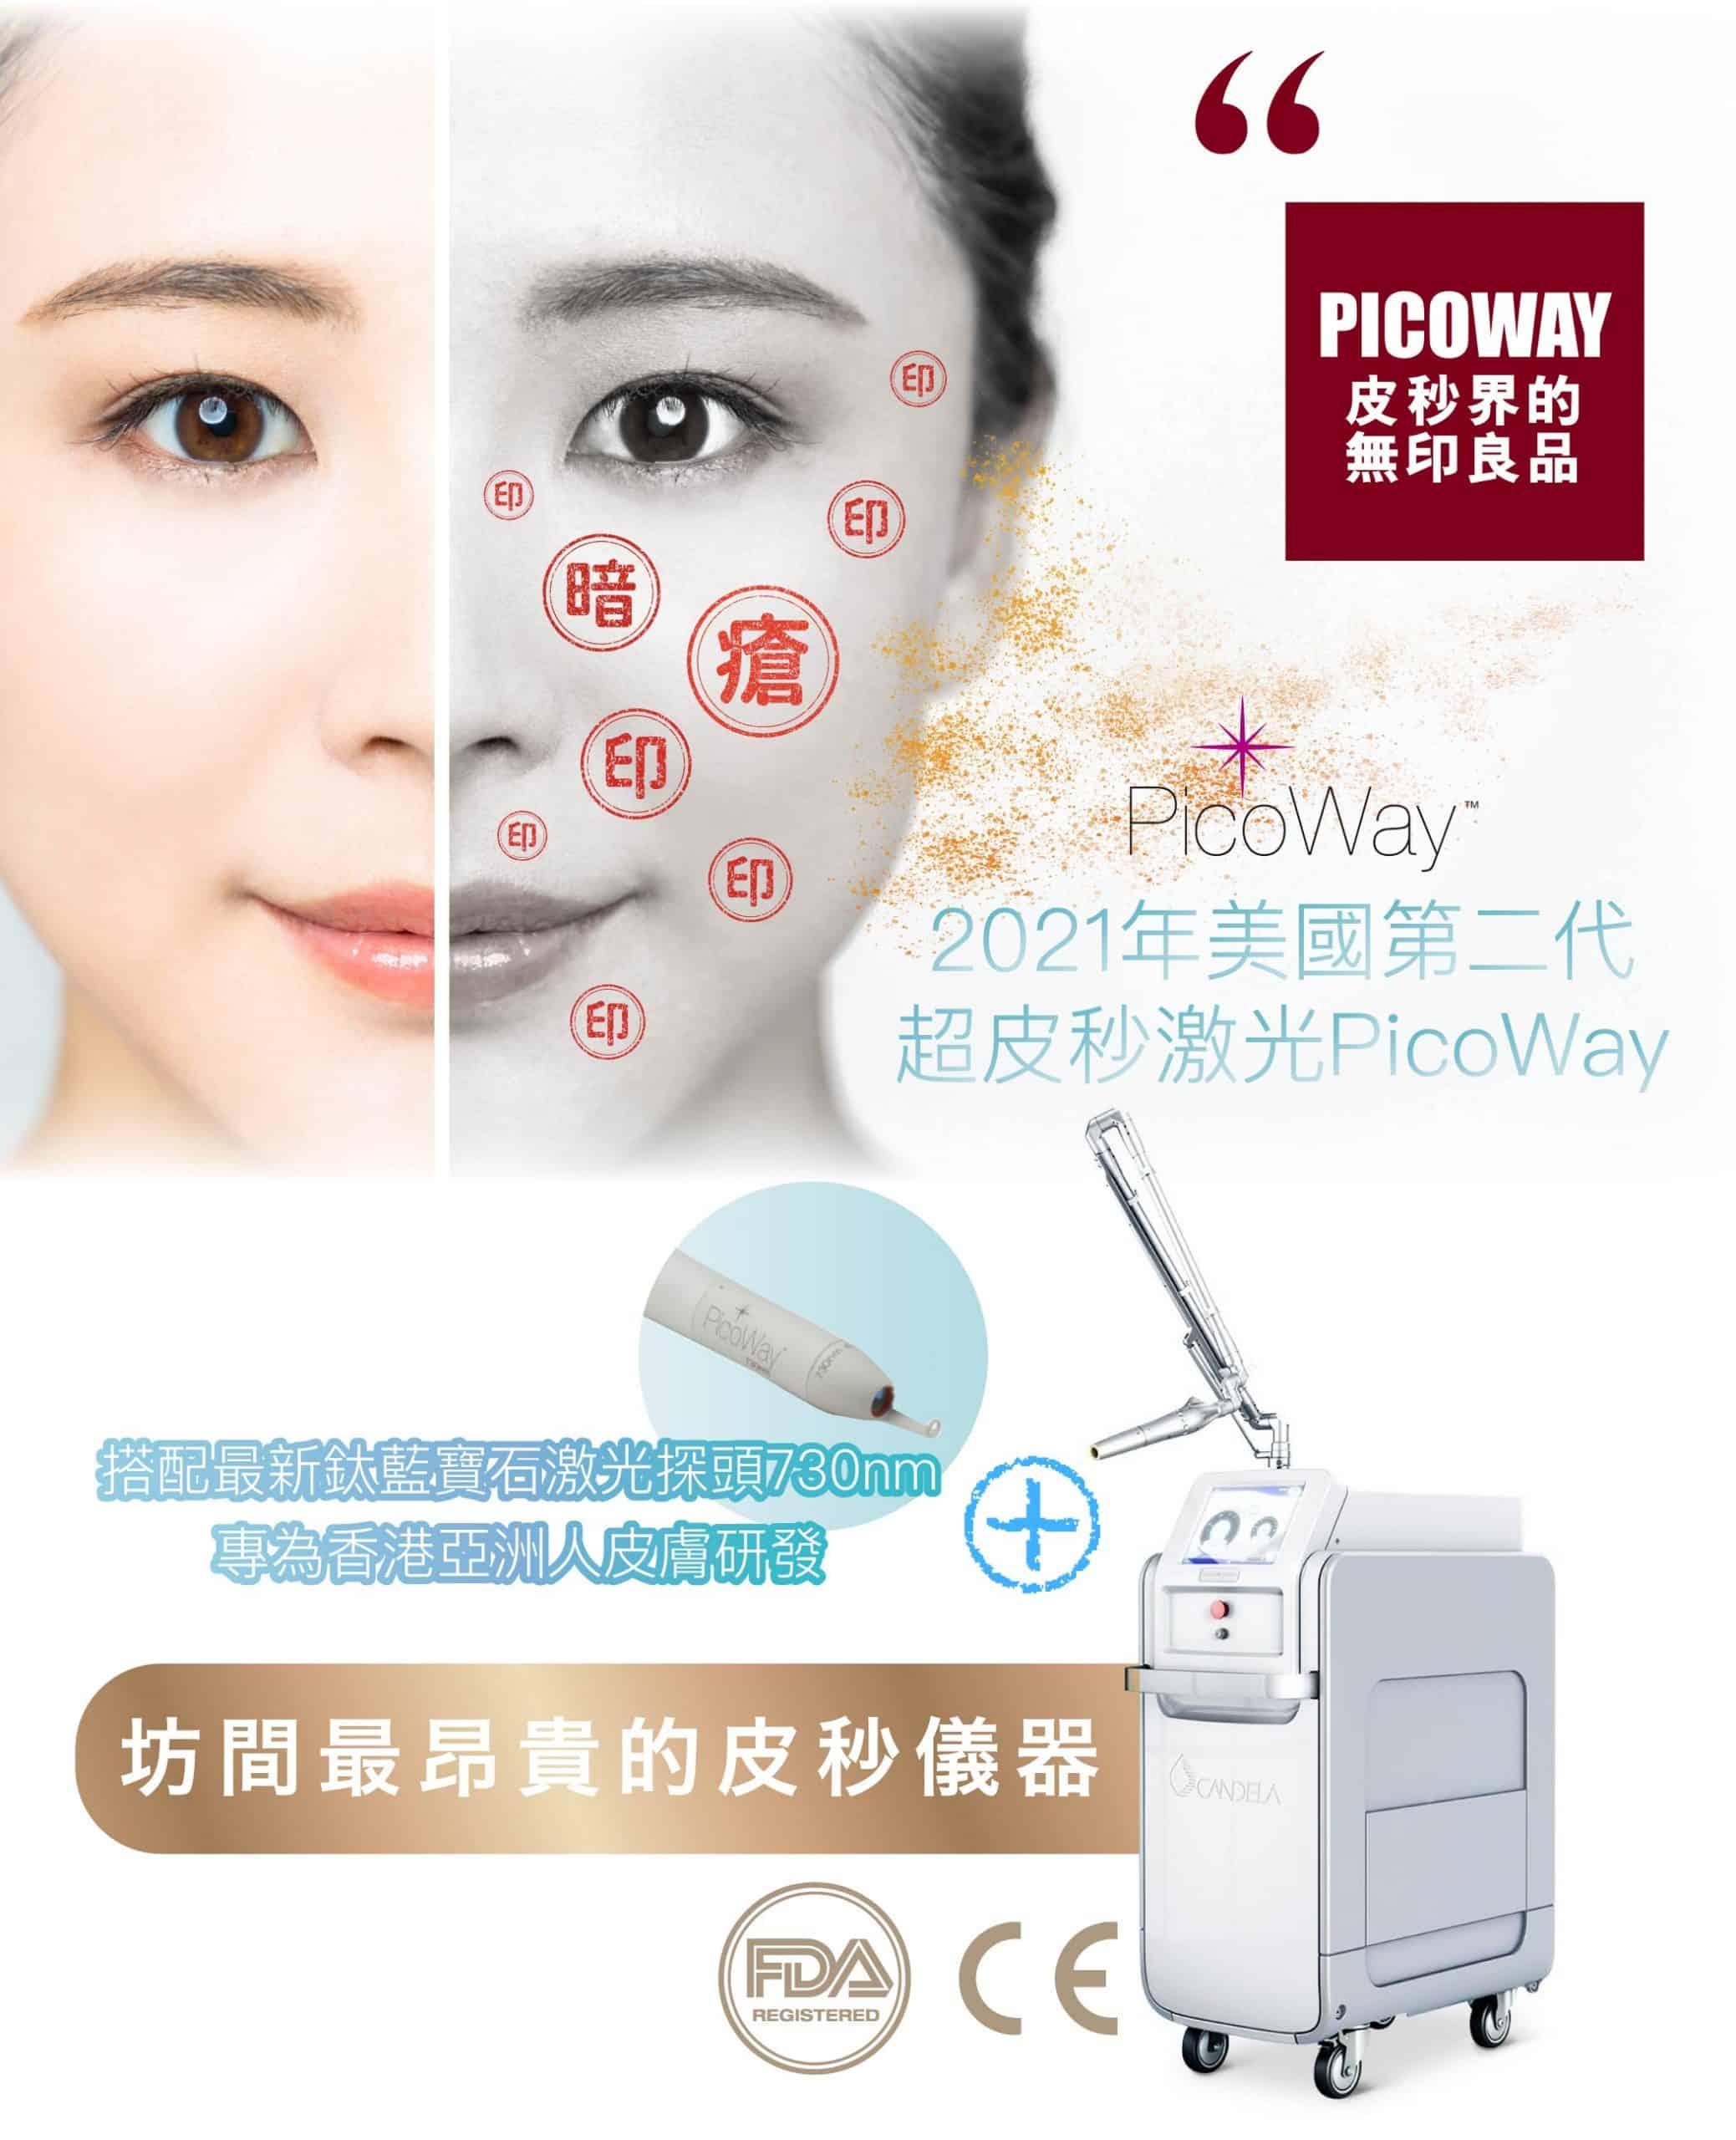 picoway_n02 Picoway ptop3 40 5 scaled